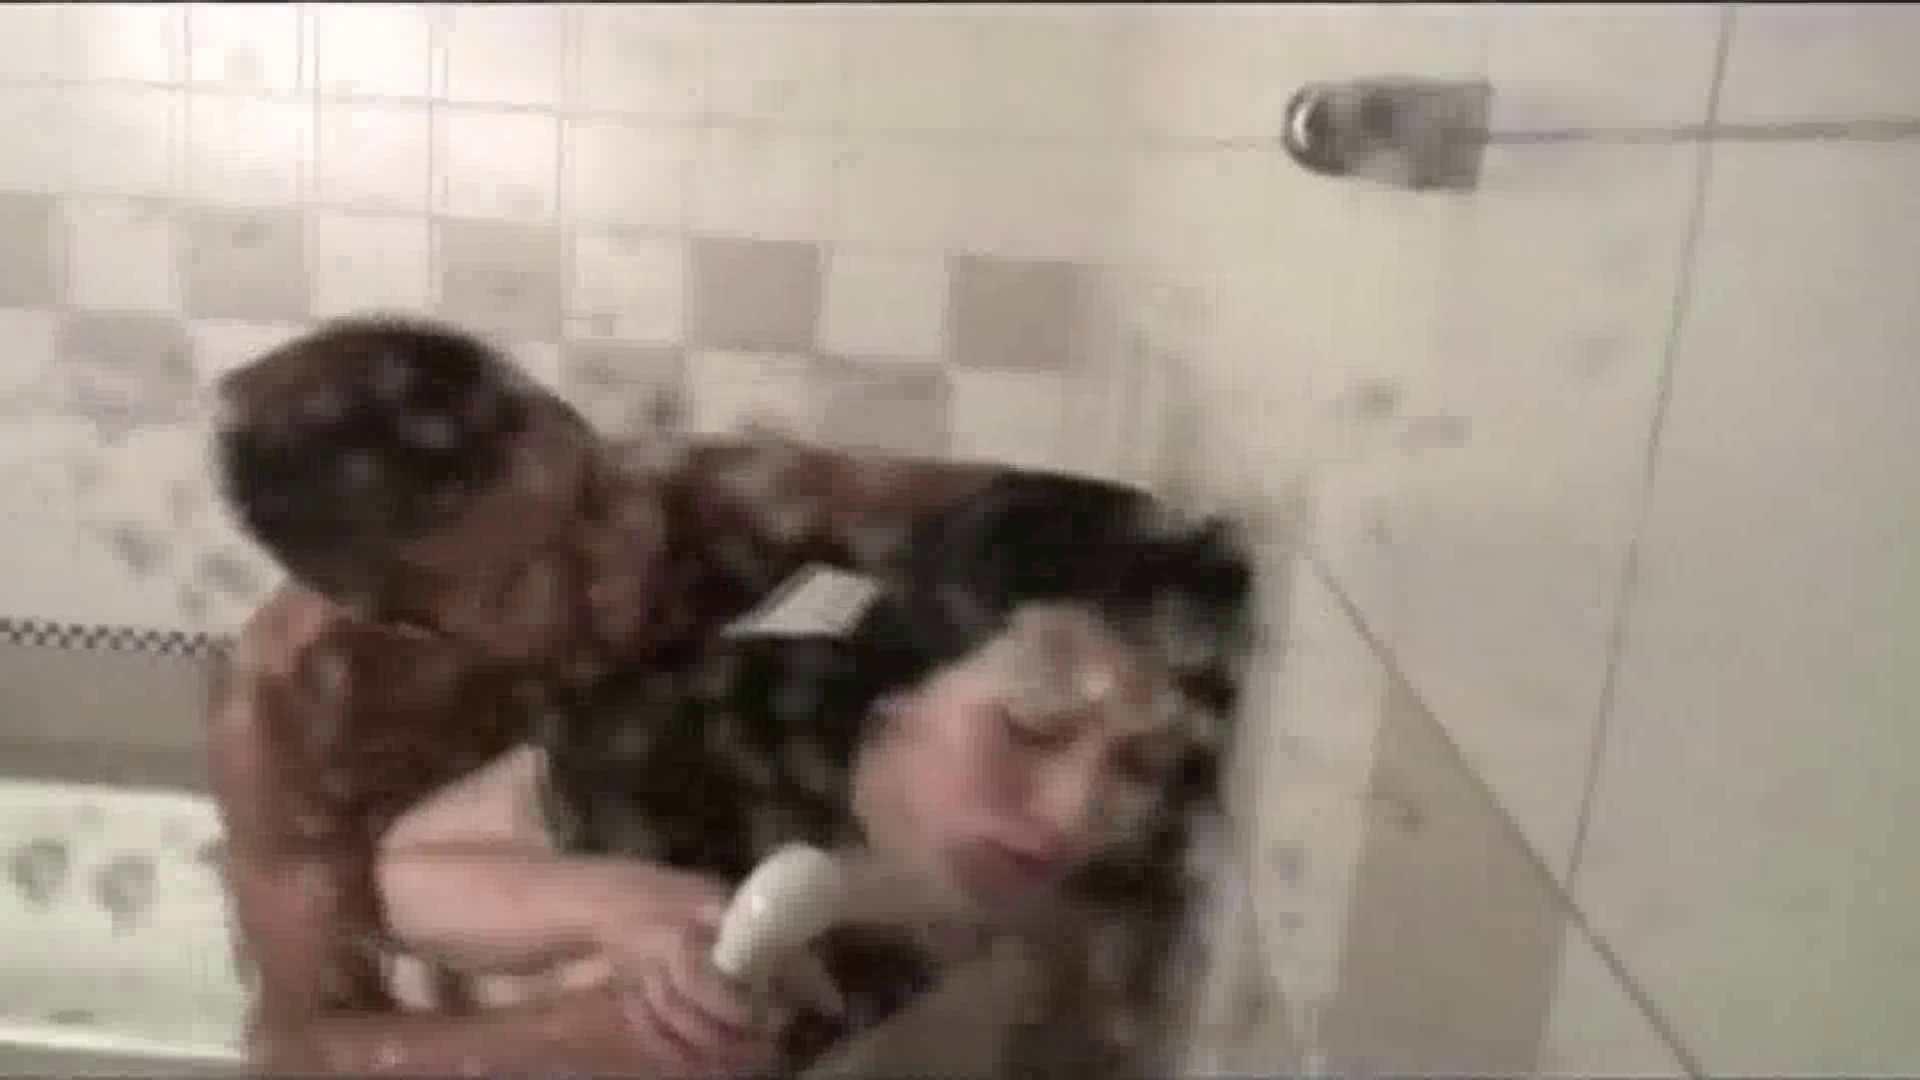 ドSな男!水責め 入浴・シャワー | ドラマ  54pic 27